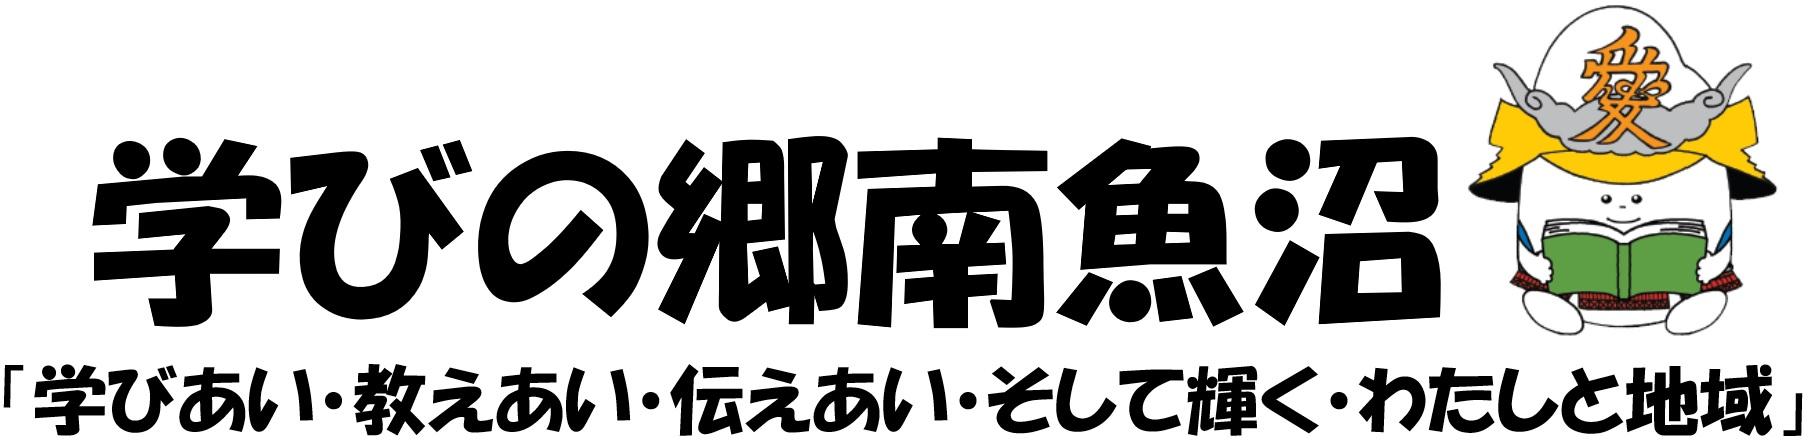 ロゴマーク(ヨコ)